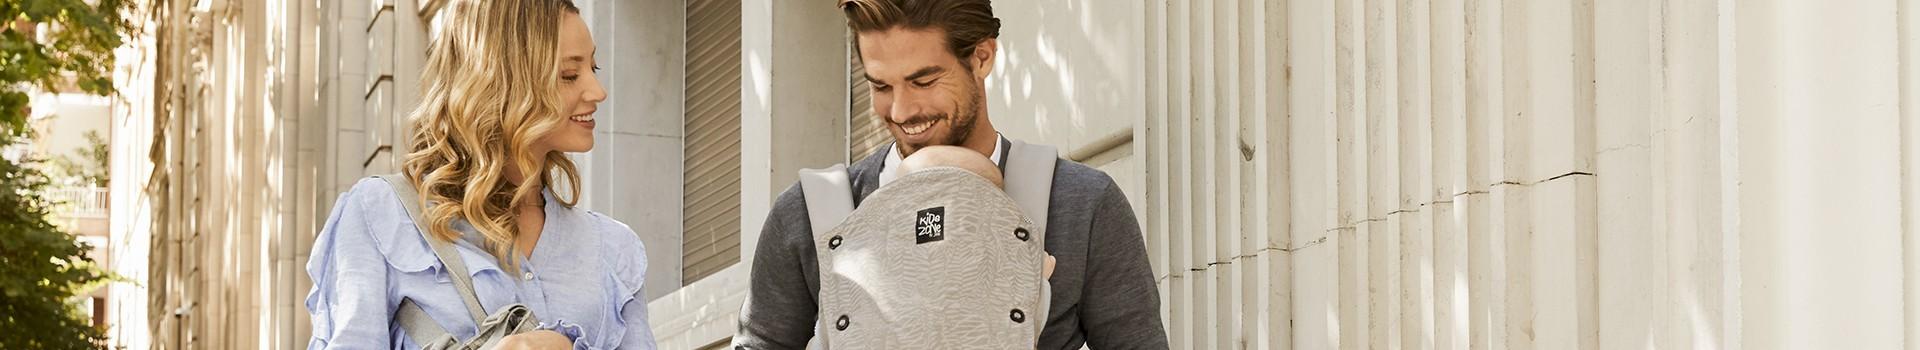 Echarpe et sac à dos bébés - Outlet